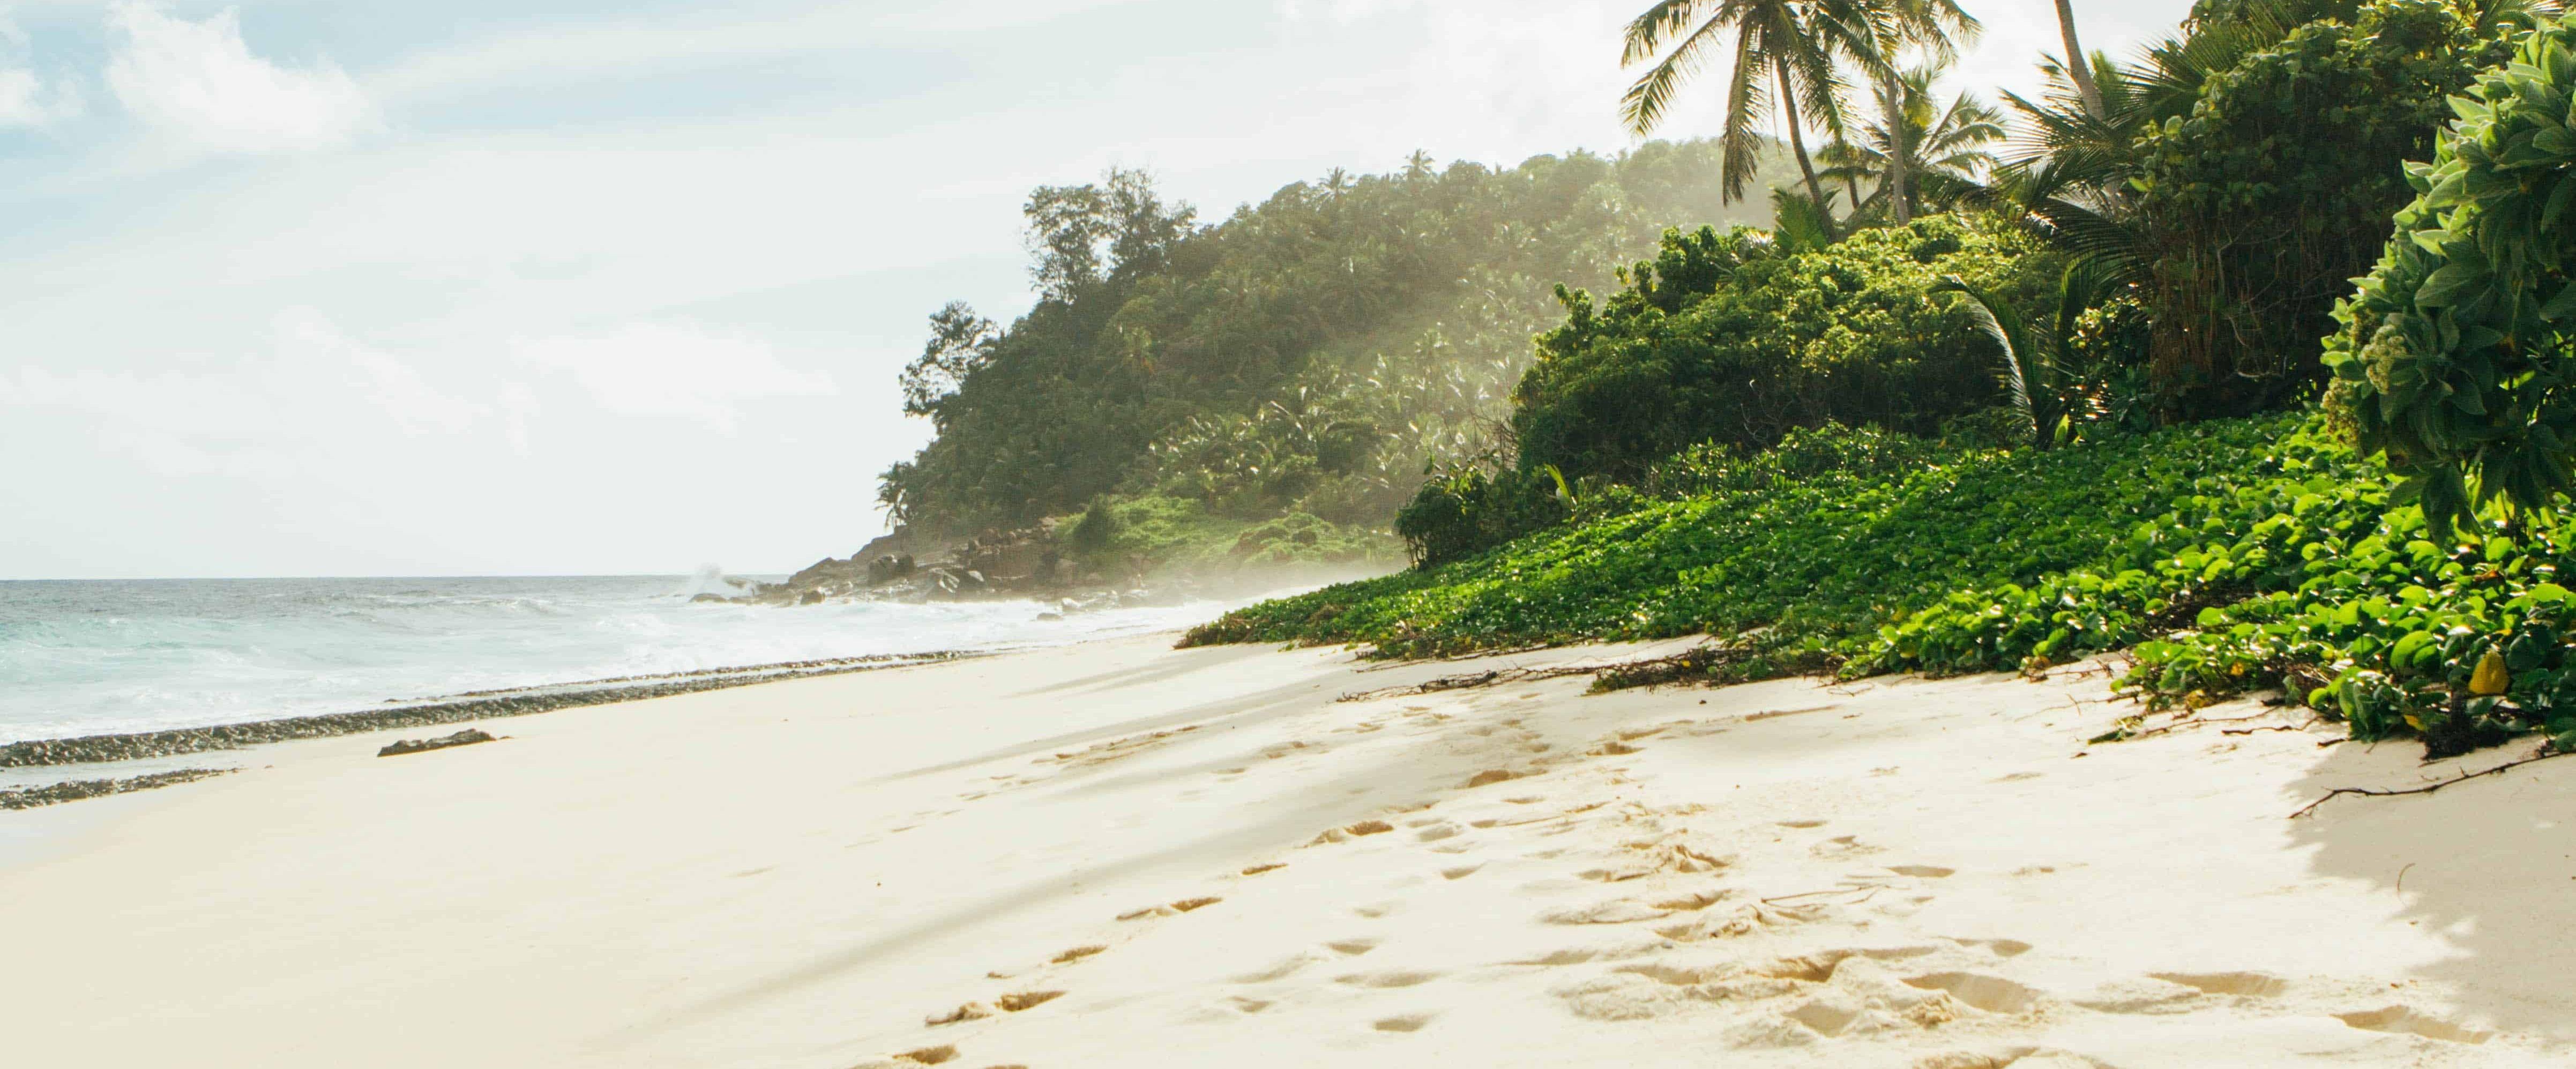 costa de la riviera maya